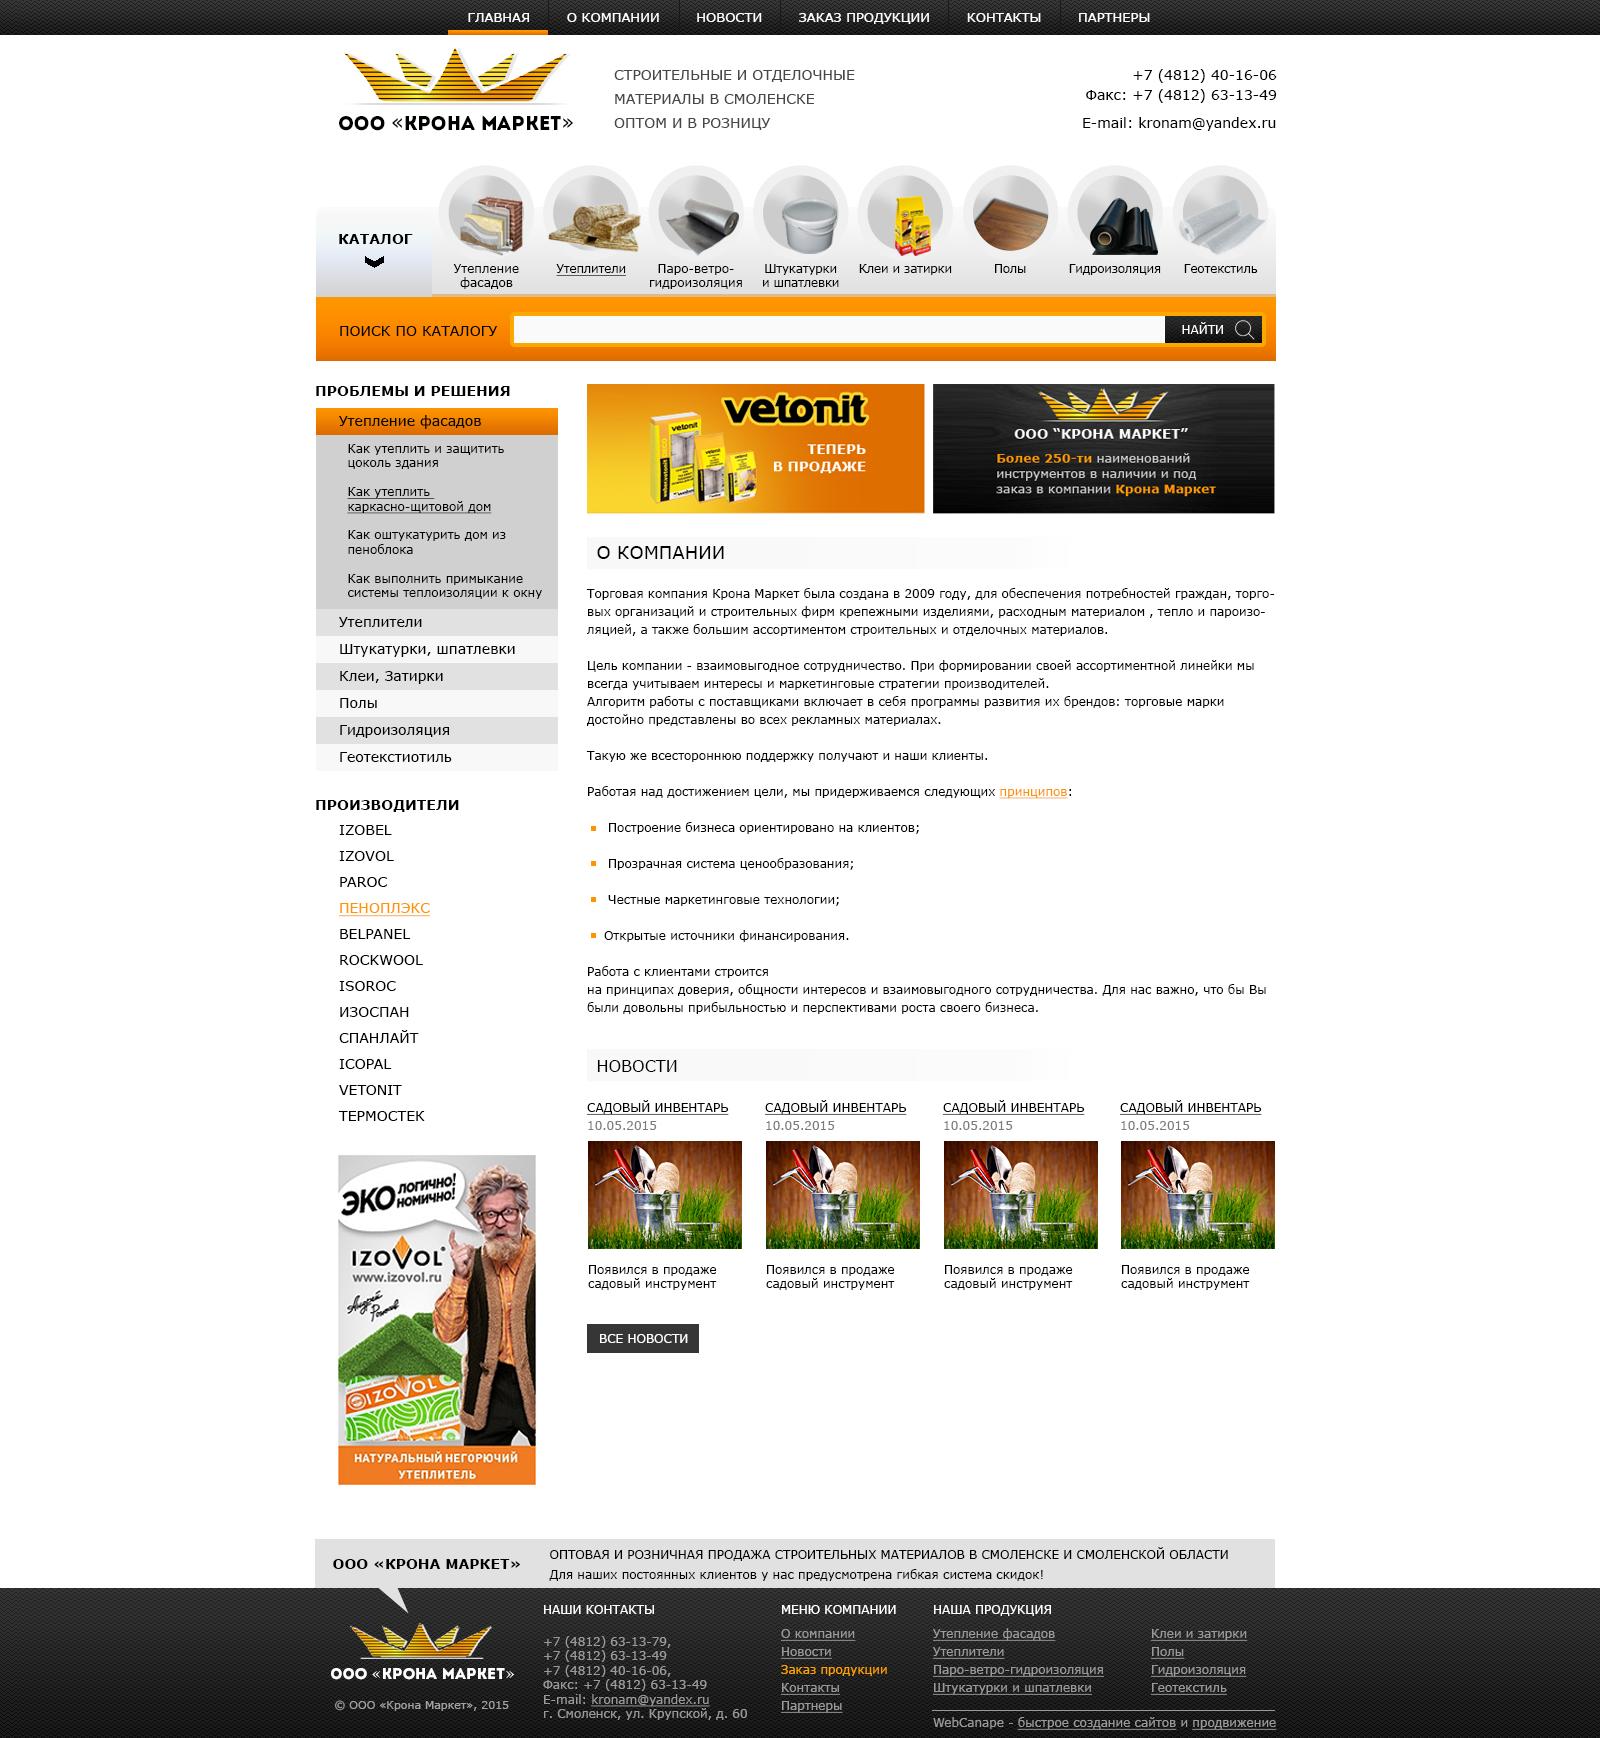 Реконструкция сайта для компании, осуществляющей продажи строительных и отделочных материалов